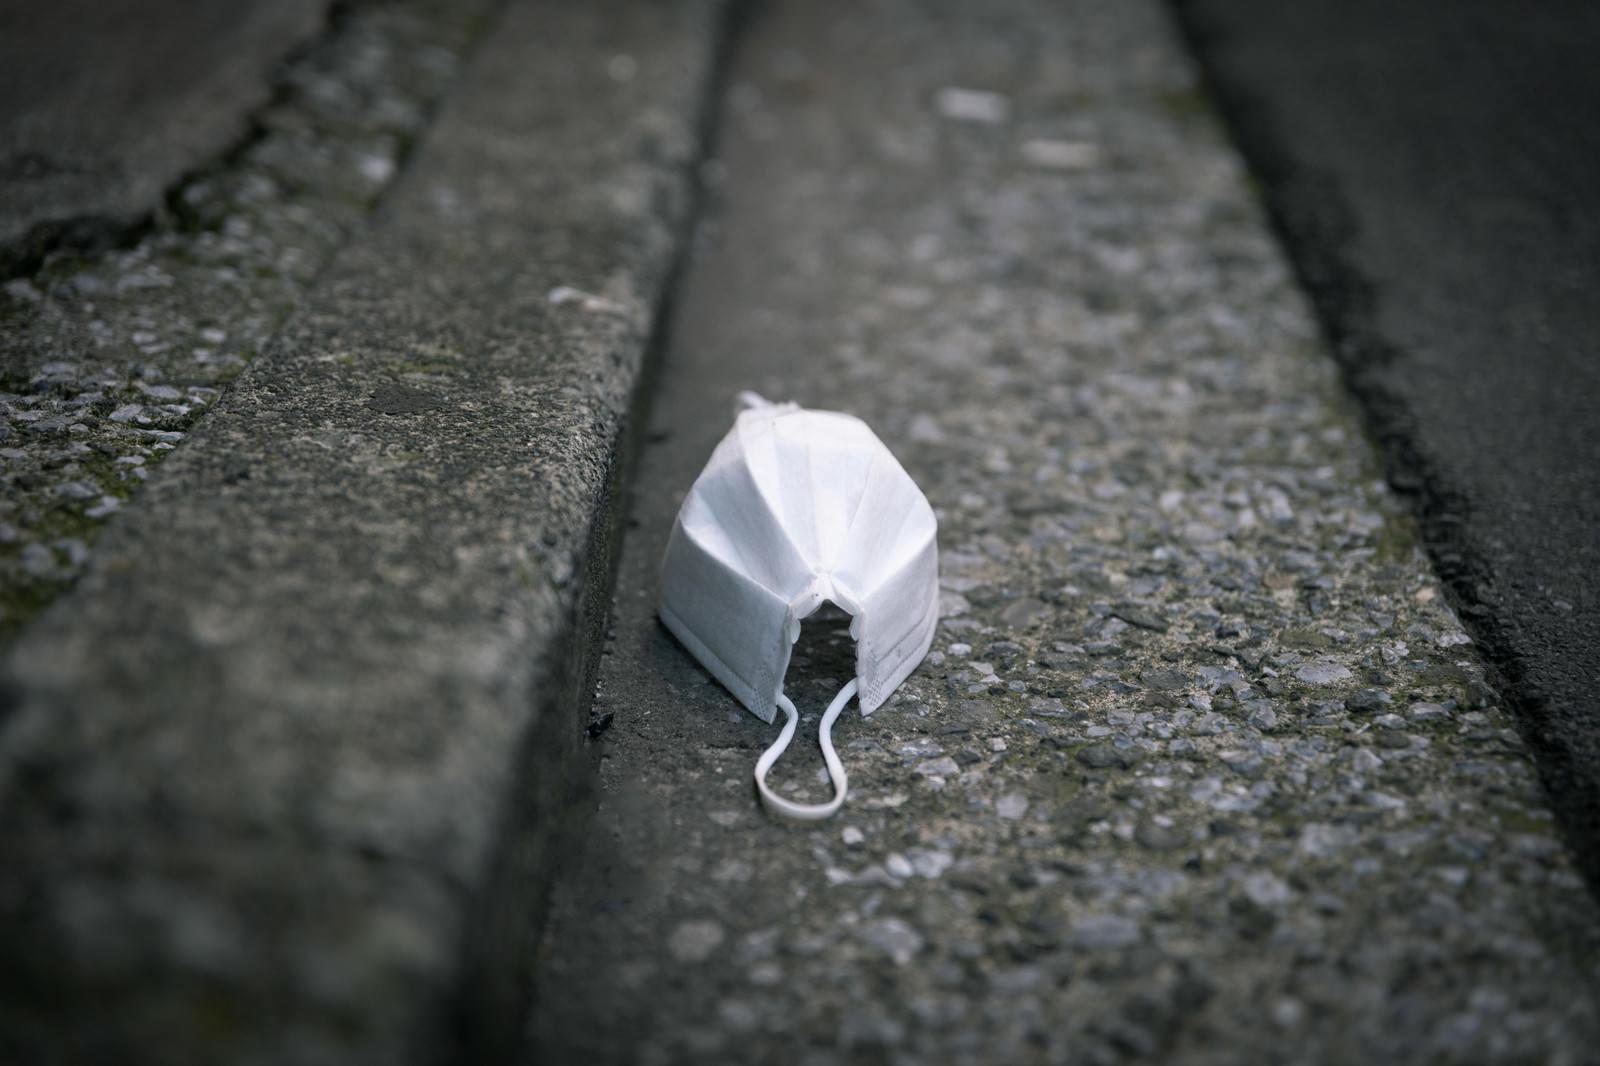 「道端に捨てられたマスク」の写真